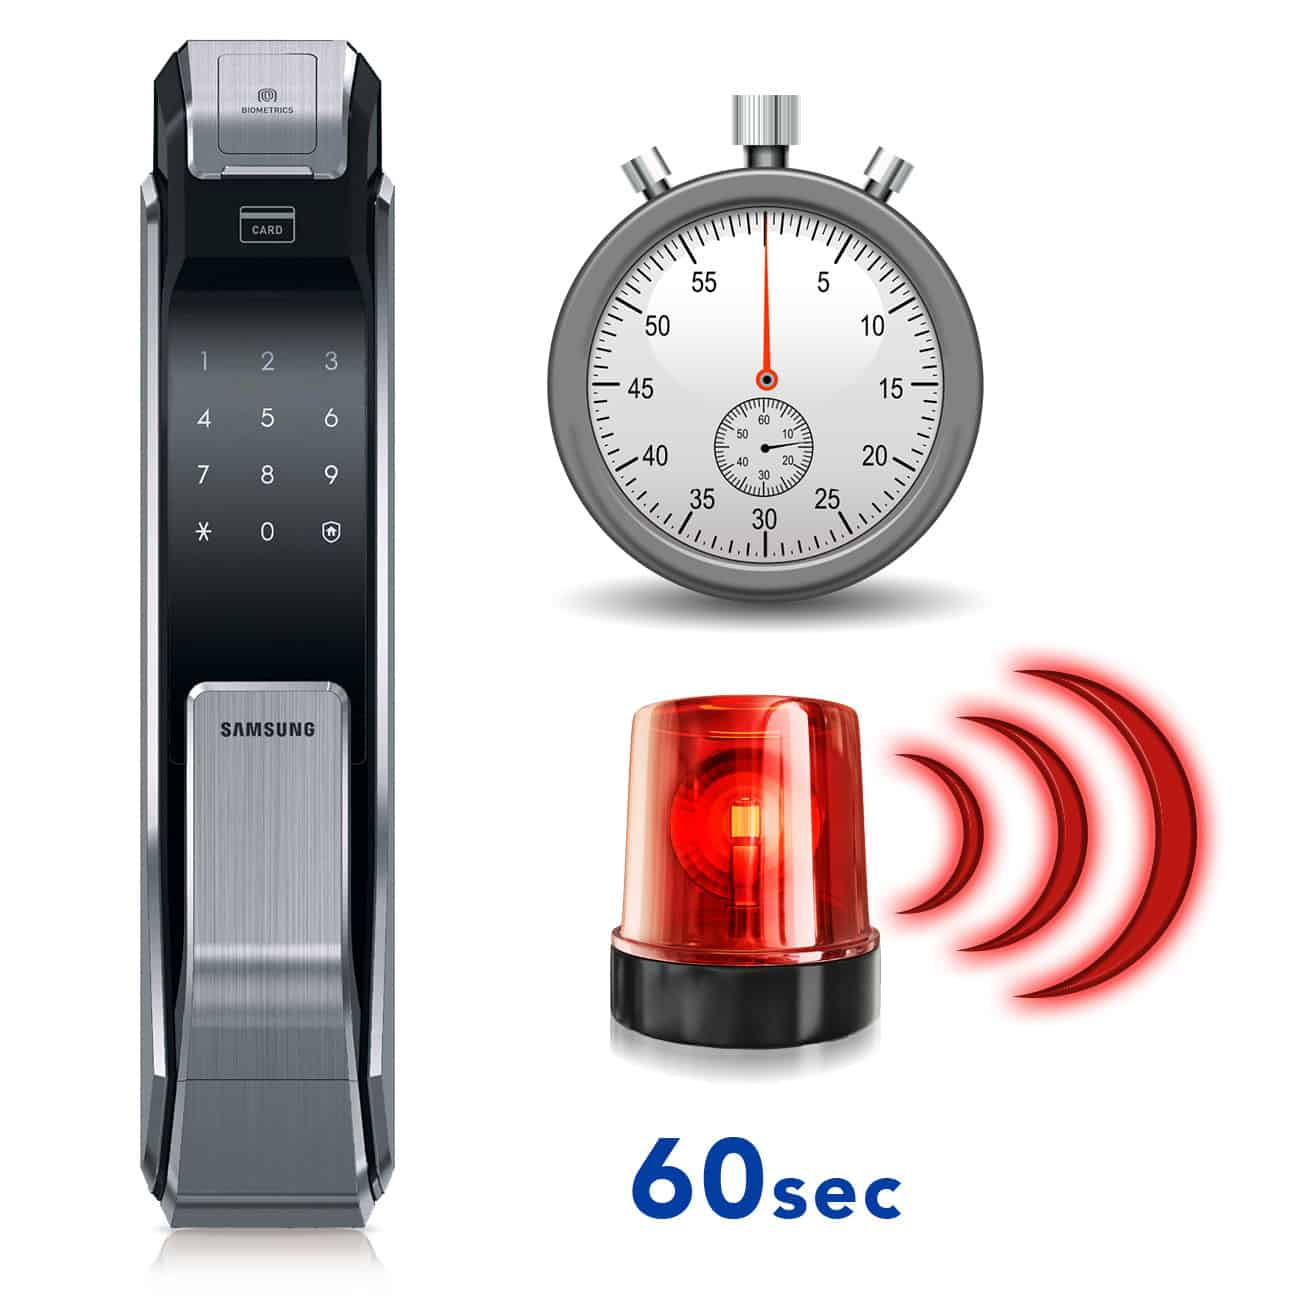 Khóa cửa điện tử Samsung SHS-P718 chính hãng